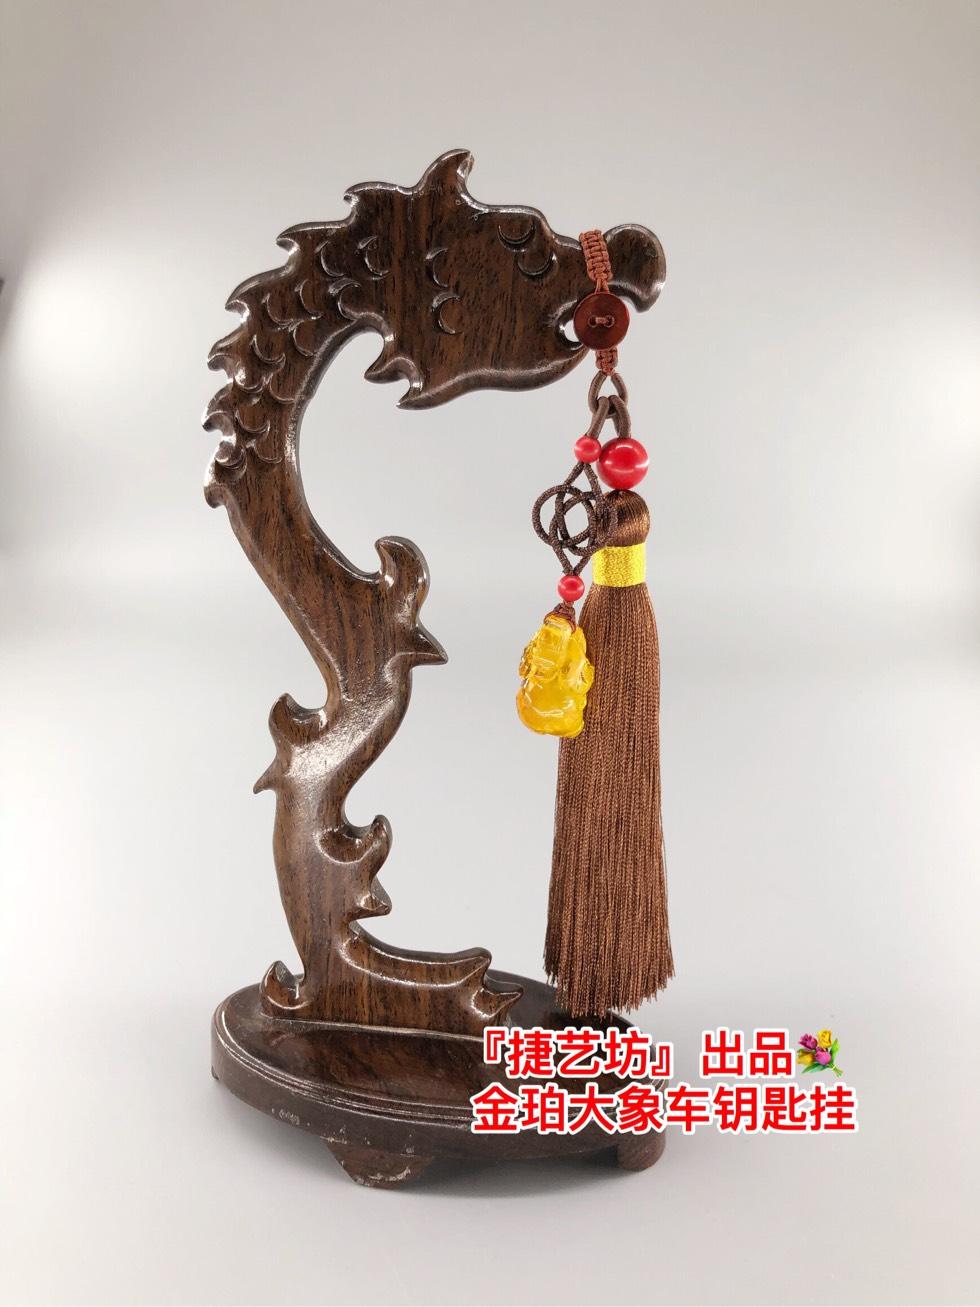 中国结论坛 蜜蜡钥匙挂 蜜蜡,钥匙,蜜蜡吊坠怎么挂 作品展示 105544sln79w73izww1f9j